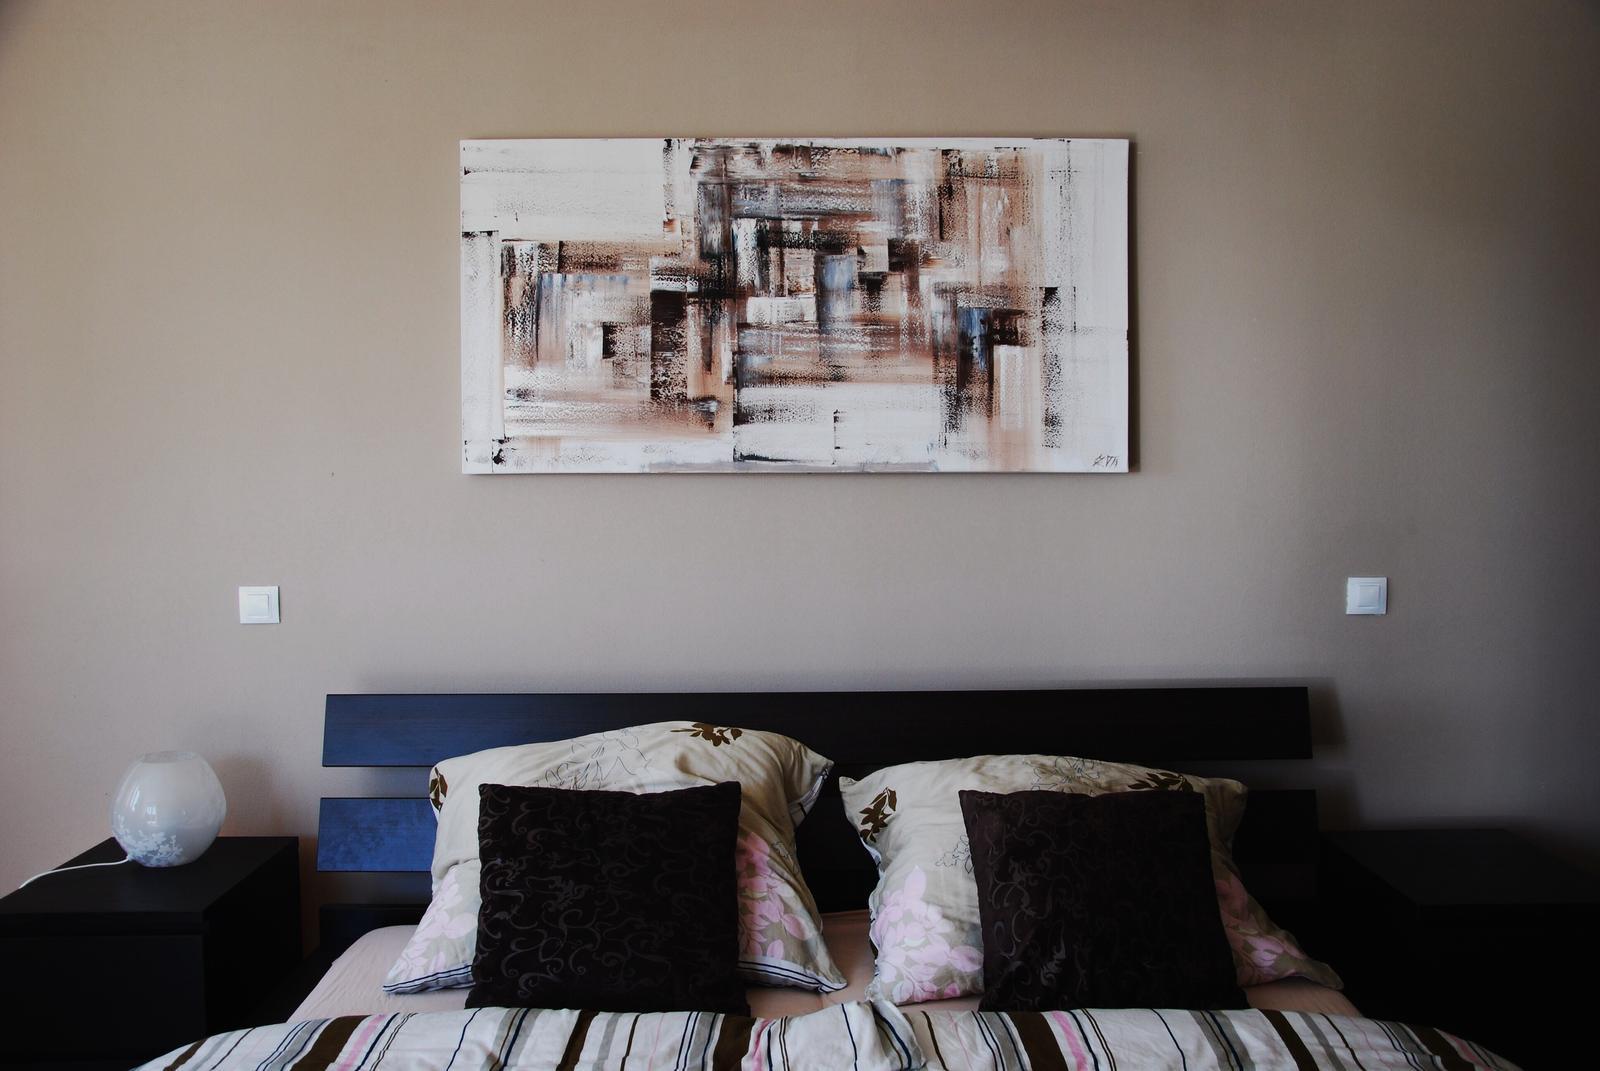 Mé obrazy v interiérech - Obrázek č. 22